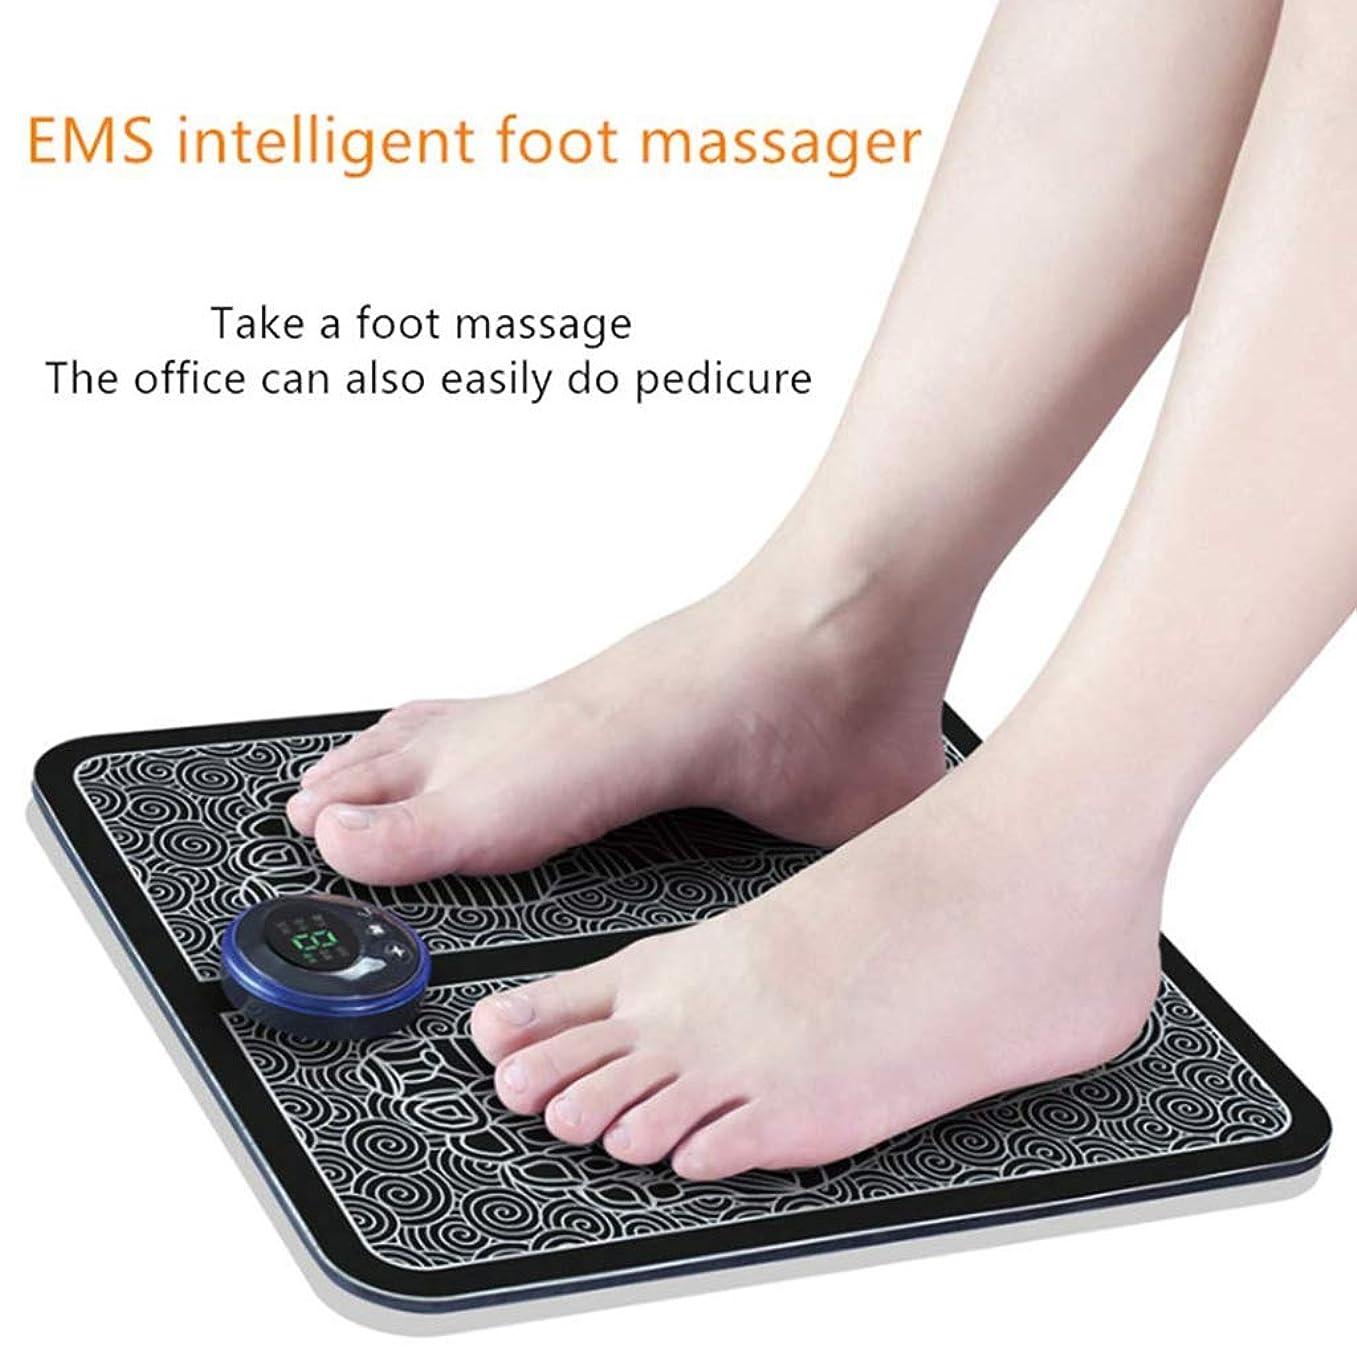 バラエティ神秘元気な血液循環、足の痛みを和らげ、筋肉の緊張を和らげる足マッサージ指圧、足底筋膜炎、ホームオフィスの足の痛みを和らげるための深い混練